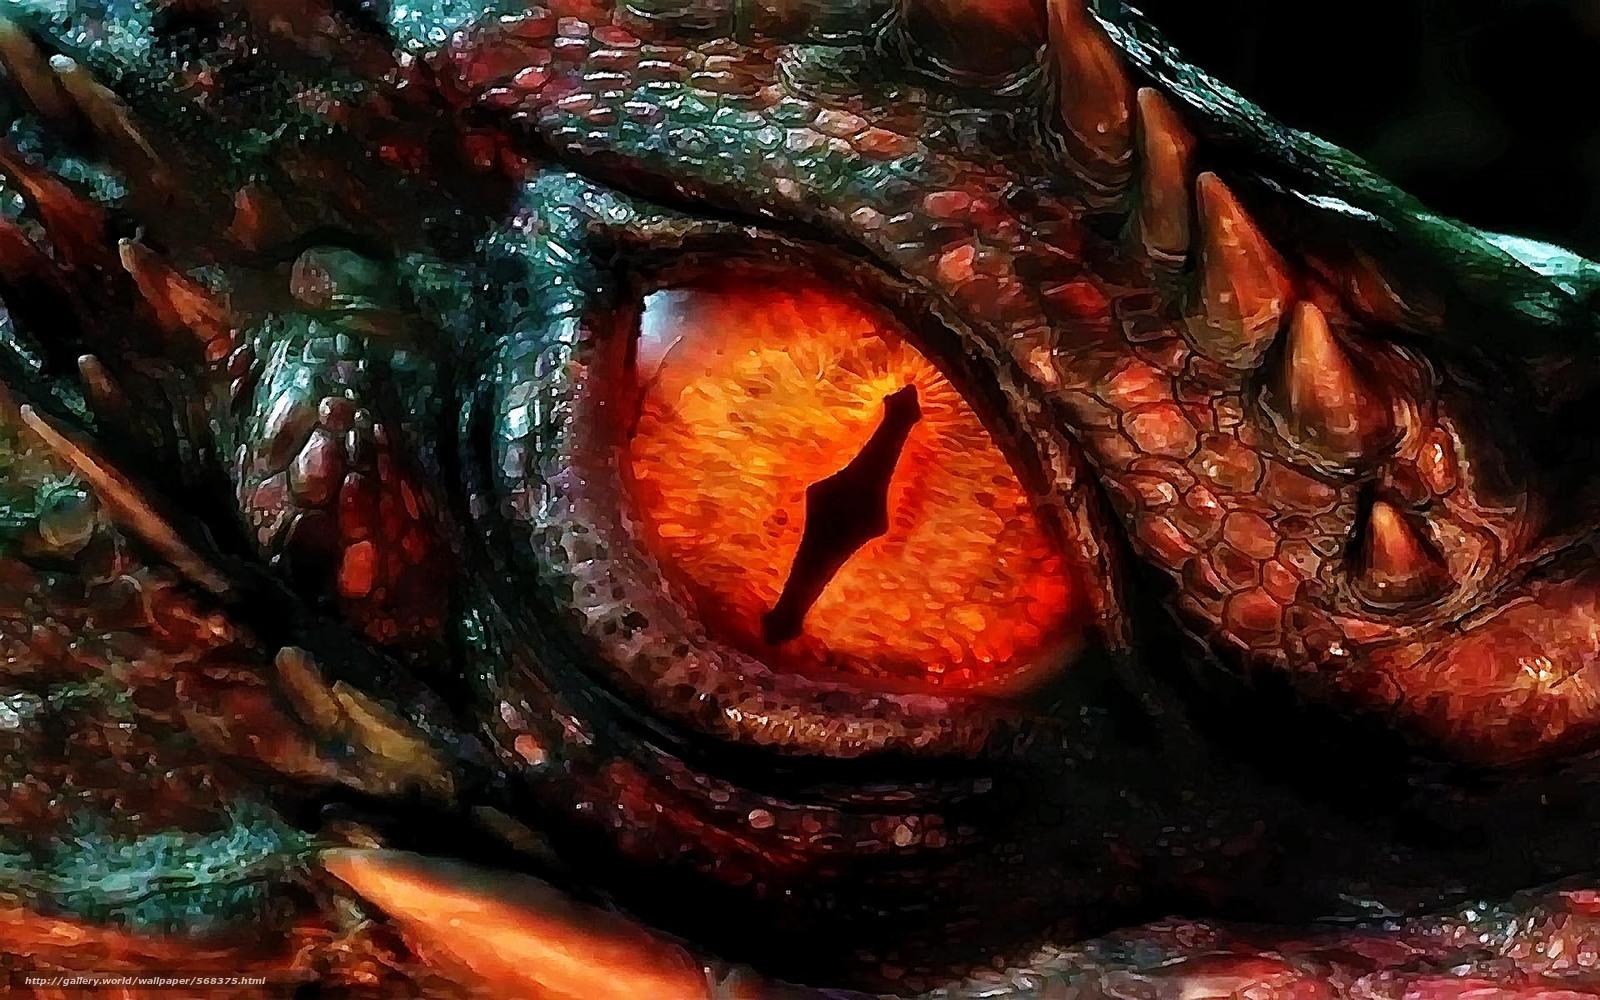 Tlcharger Fond Decran Dragon Eye 3d Art Fonds Decran